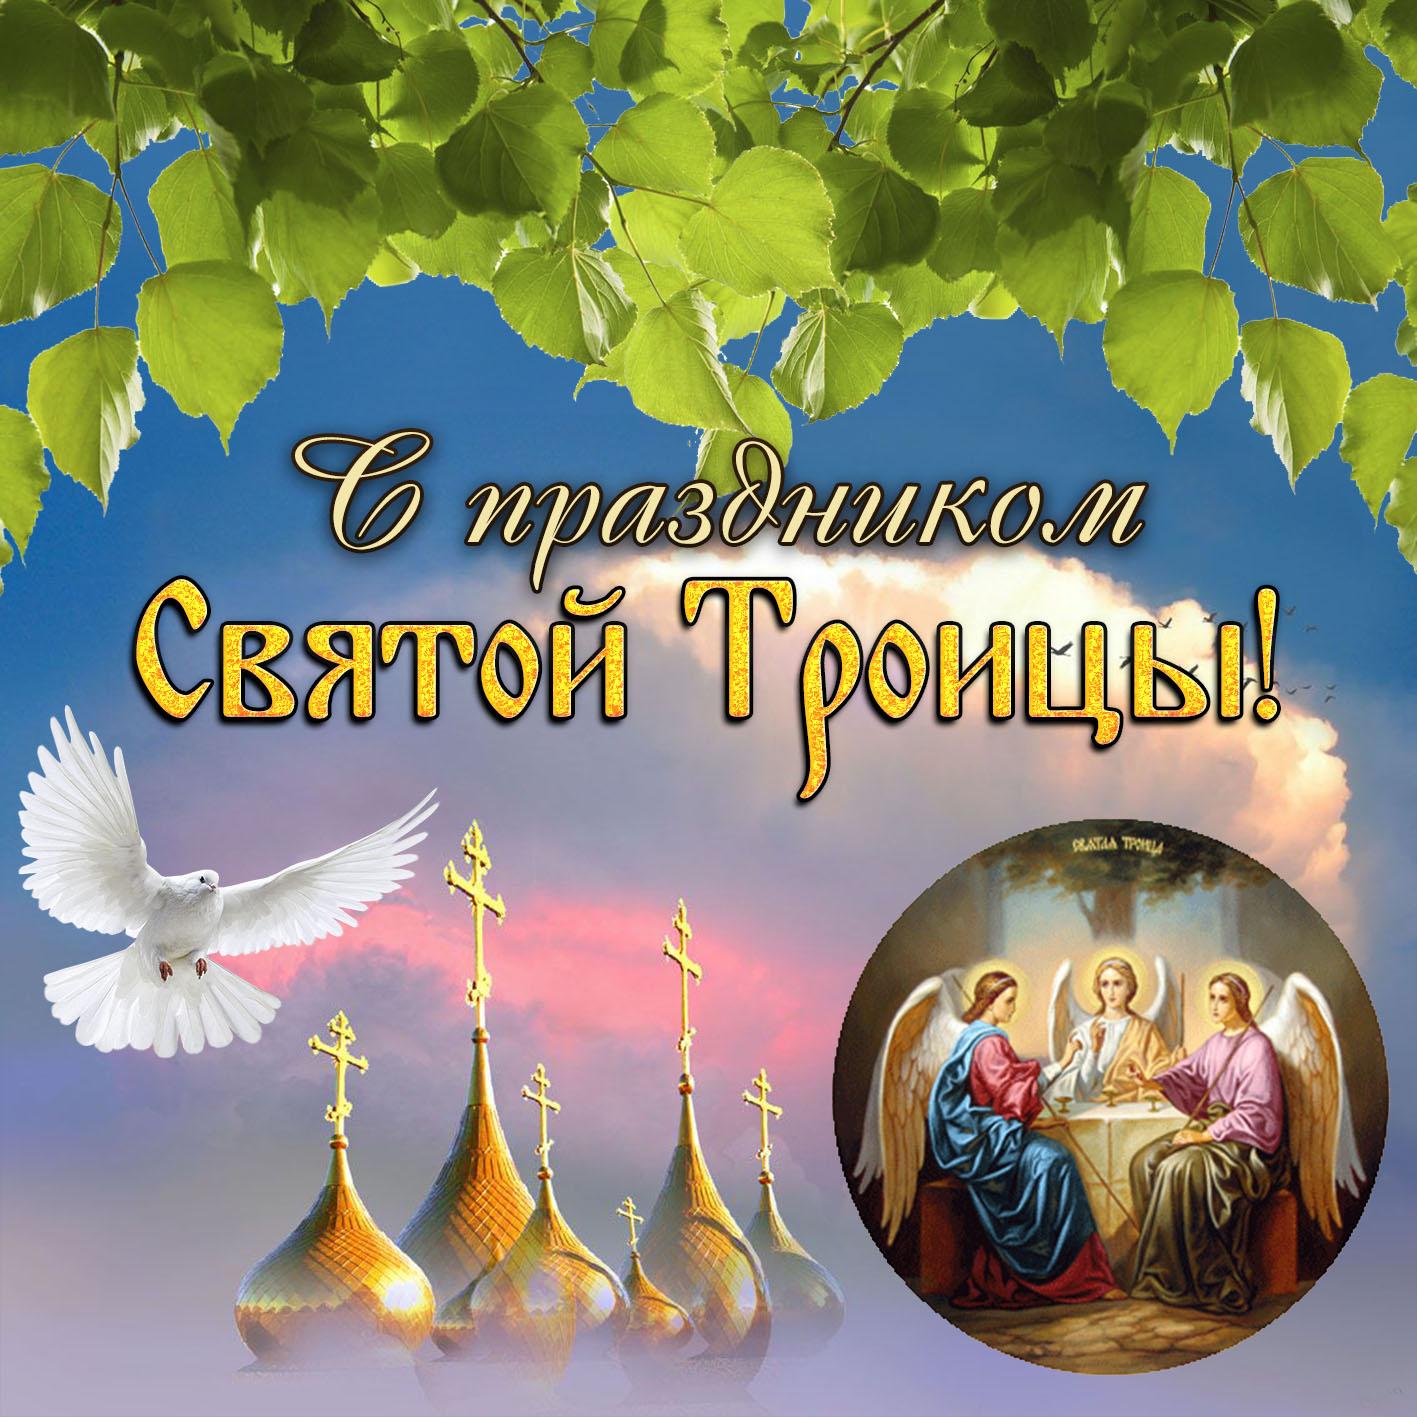 Поздравление с пресвятой троицей открытки